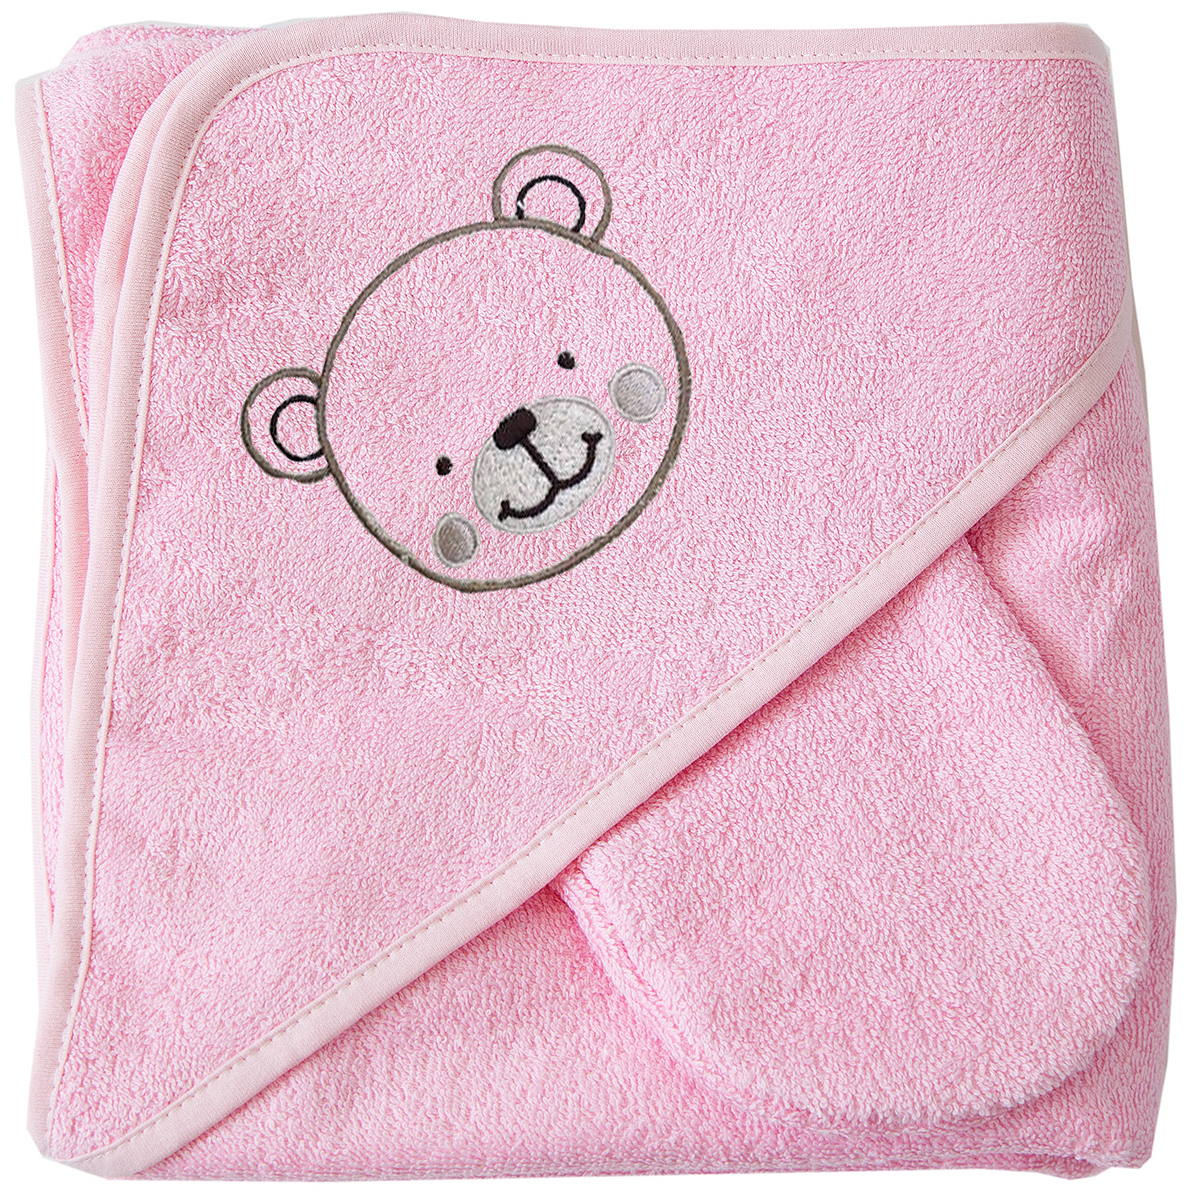 Baby Nice Полотенце детское Уголок цвет розовыйM131Уголок для купания - легкий и необыкновенно мягкий к телу малыша, 100% хлопковая ткань, из которой изготовлен уголок, прошла специальную обработку по умягчению. Эта обработка ткани так же сделала ее особенно дышащей - пропускающей воздух, очень нежной и комфортной. Уголок неприхотлив в использовании и в уходе: он мгновенно впитывает влагу, быстро сохнет, не деформируется.Муслин - новая воздушная очень приятная по тактильным ощущениям ткань из натурального хлопкового волокна - имеет прекрасную репутацию во всем мире. Такой сказочной мягкости и легкости уголка из муслина удалось достичь благодаря особому способу переплетения нитей из определенных сортов более тонкого хлопка, с его последующей дополнительной обработкой. Изделие гигроскопично, окрашено гипоаллергенными красителями, не содержит в себе остаточной химии после технологических процессов обработки.